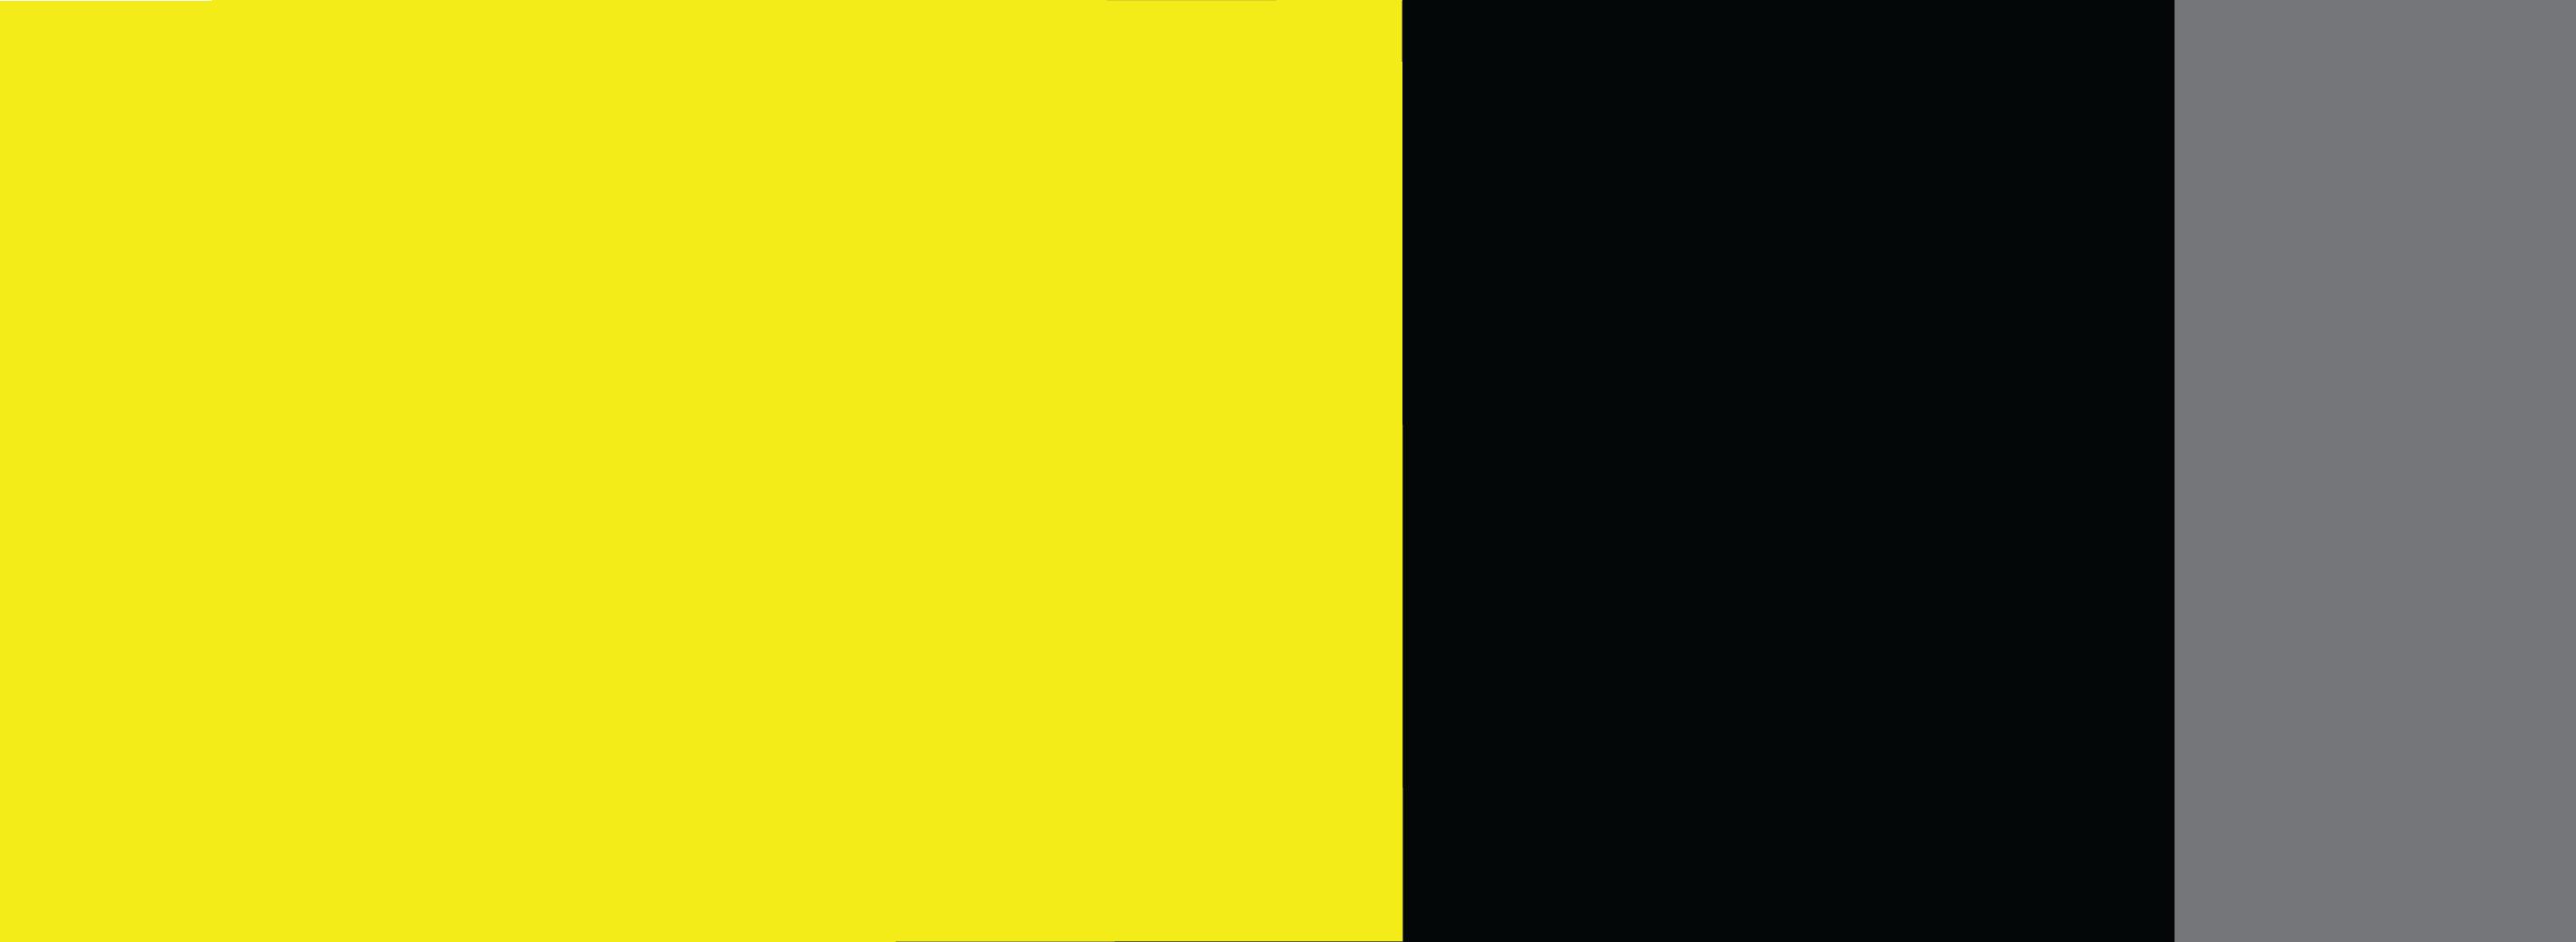 galben negru gri